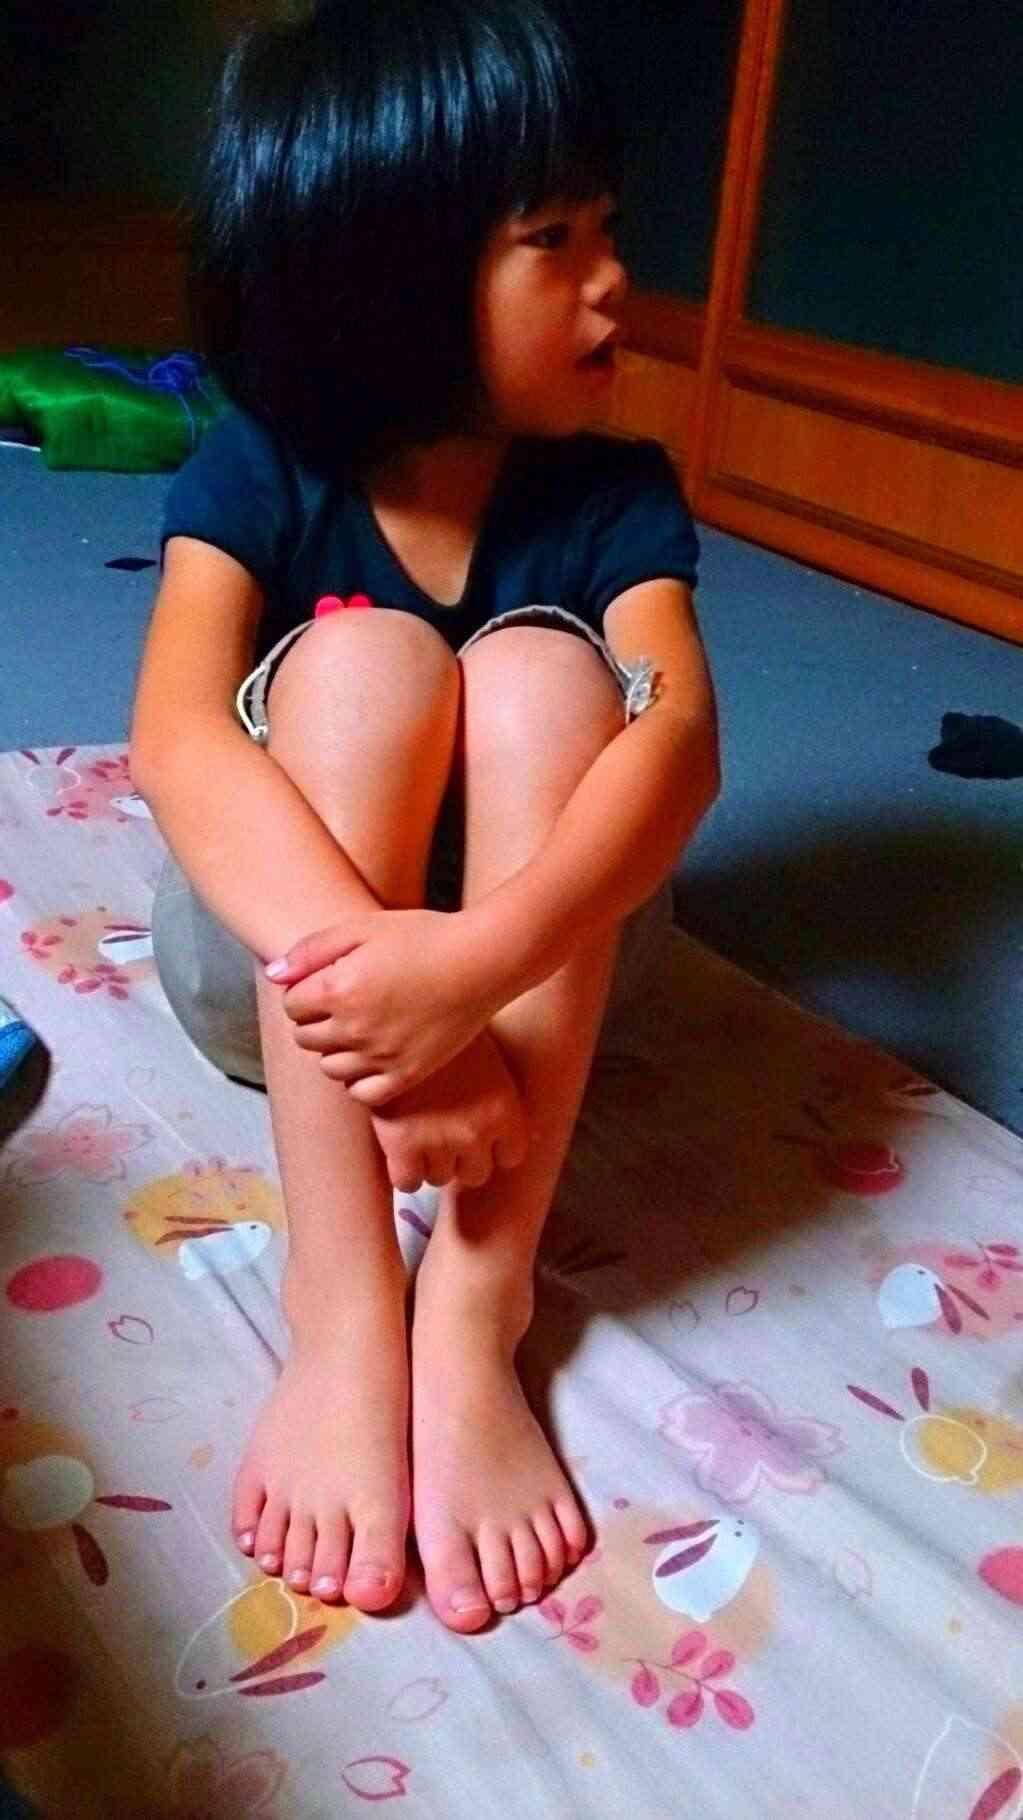 【小中学生】♪美少女らいすっき♪ 379 【天てれ・子役・素人・ボゴOK】 [無断転載禁止]©2ch.netYouTube動画>59本 ->画像>3535枚